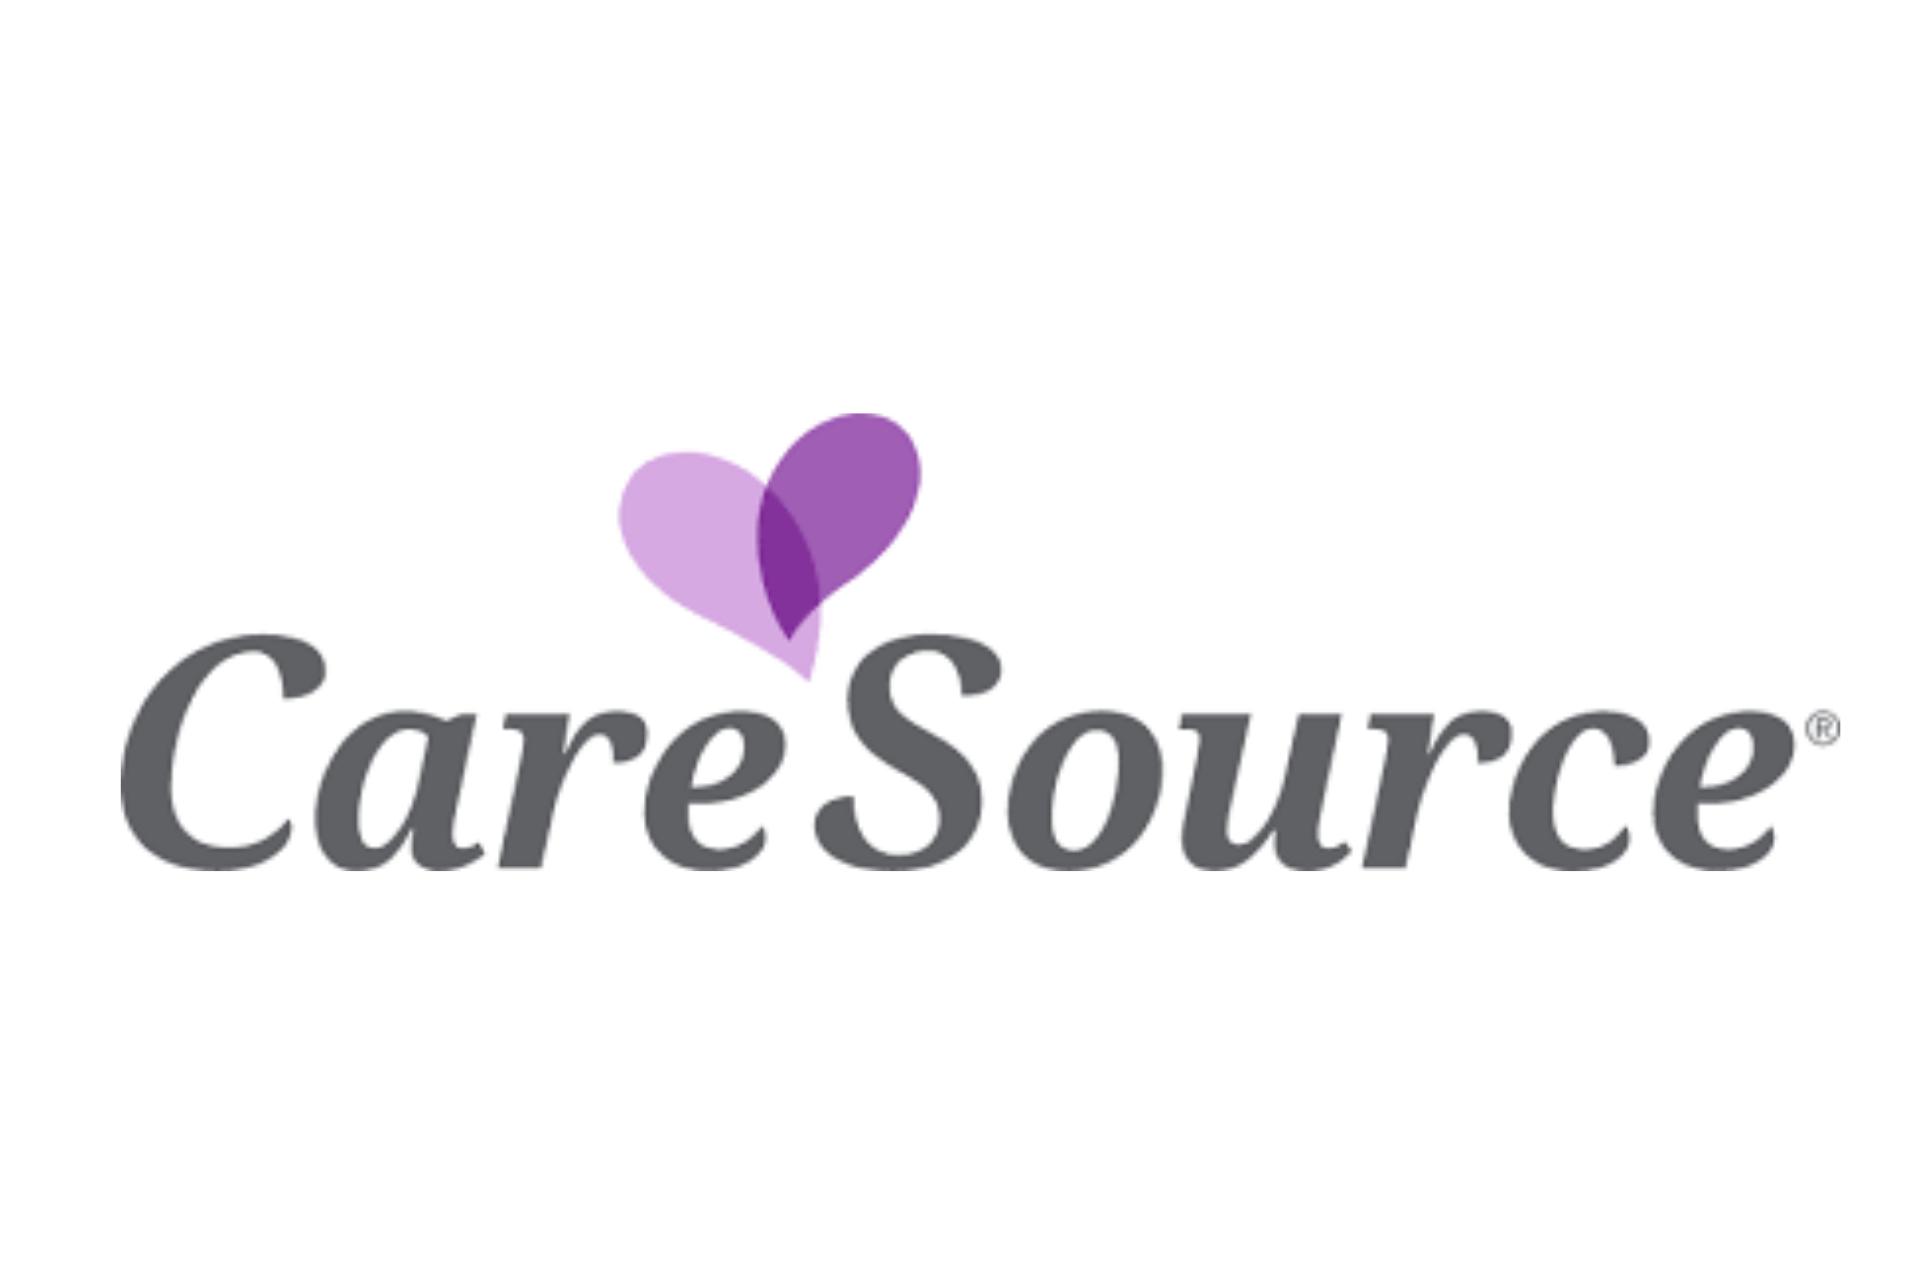 CareSourceLogo